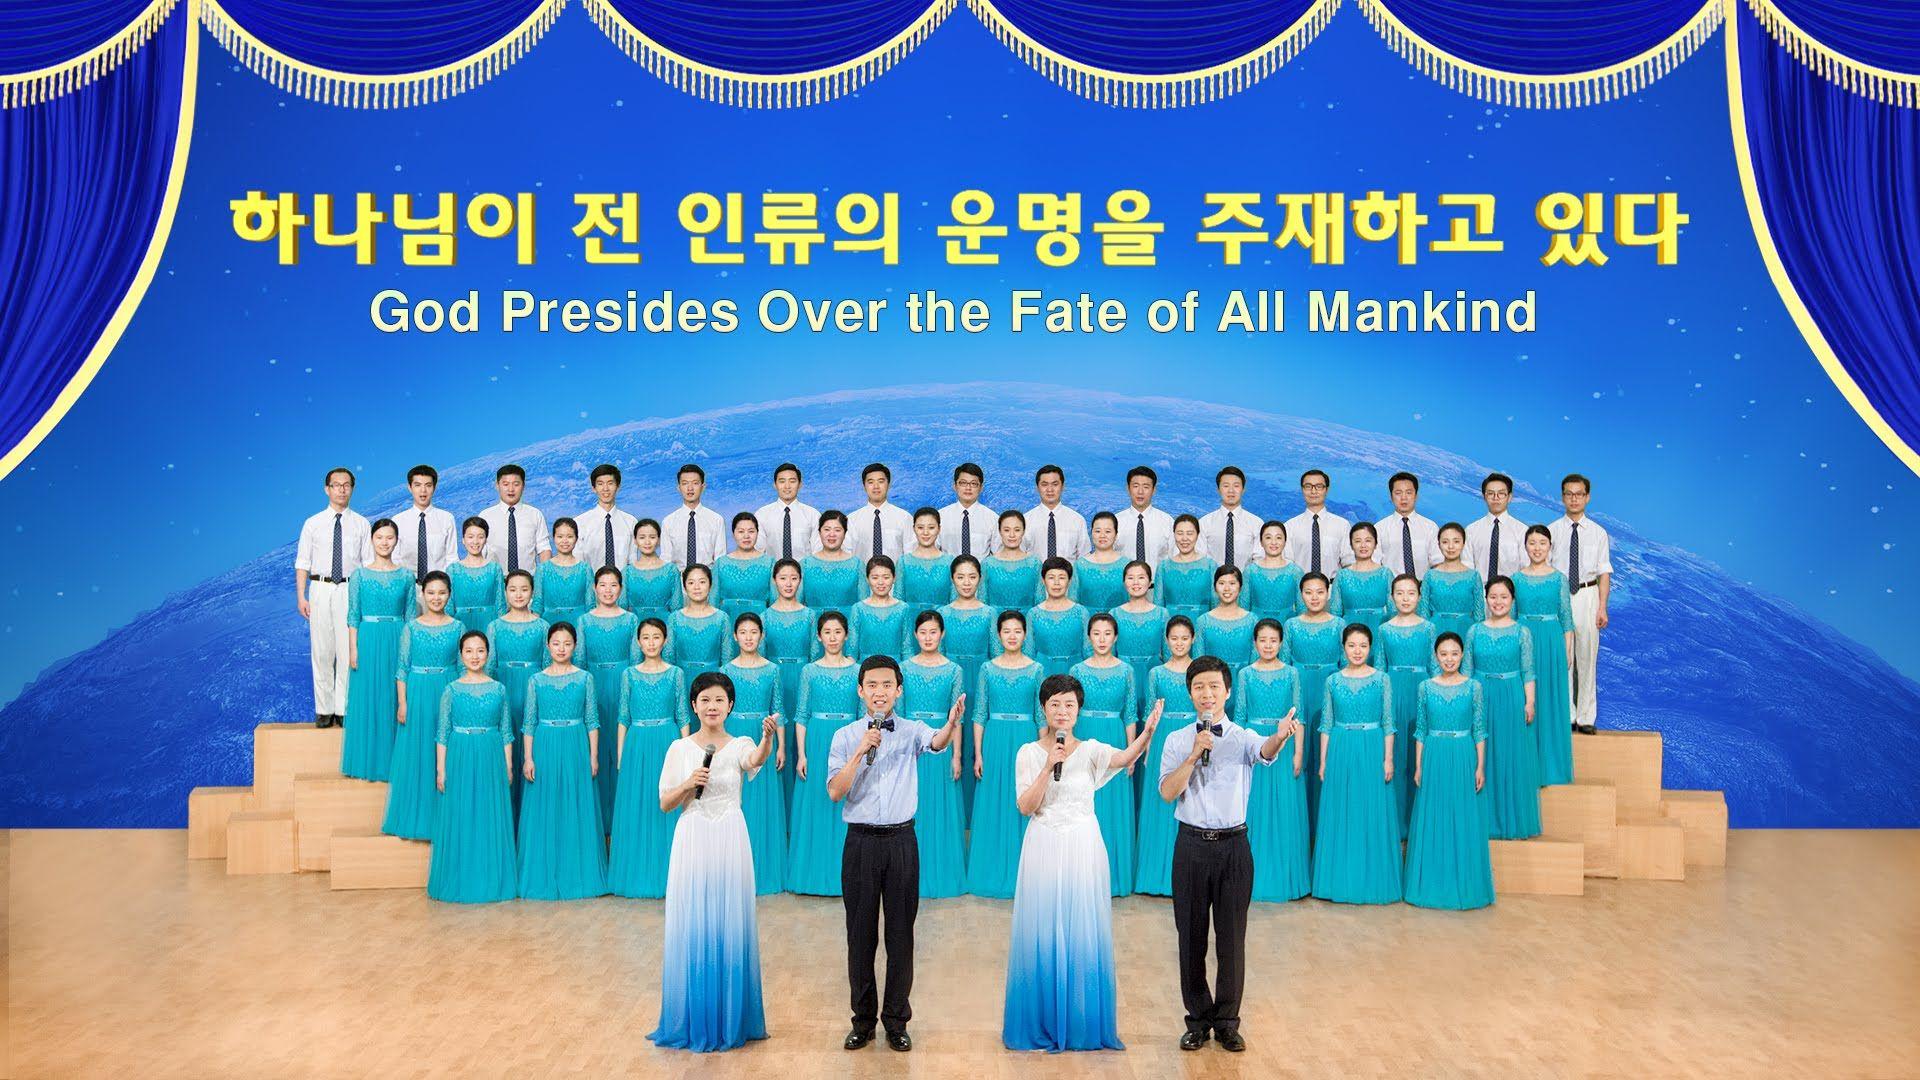 구원의 소리 - 전능하신 하나님 교회 국도찬미 합창 (中)제12집